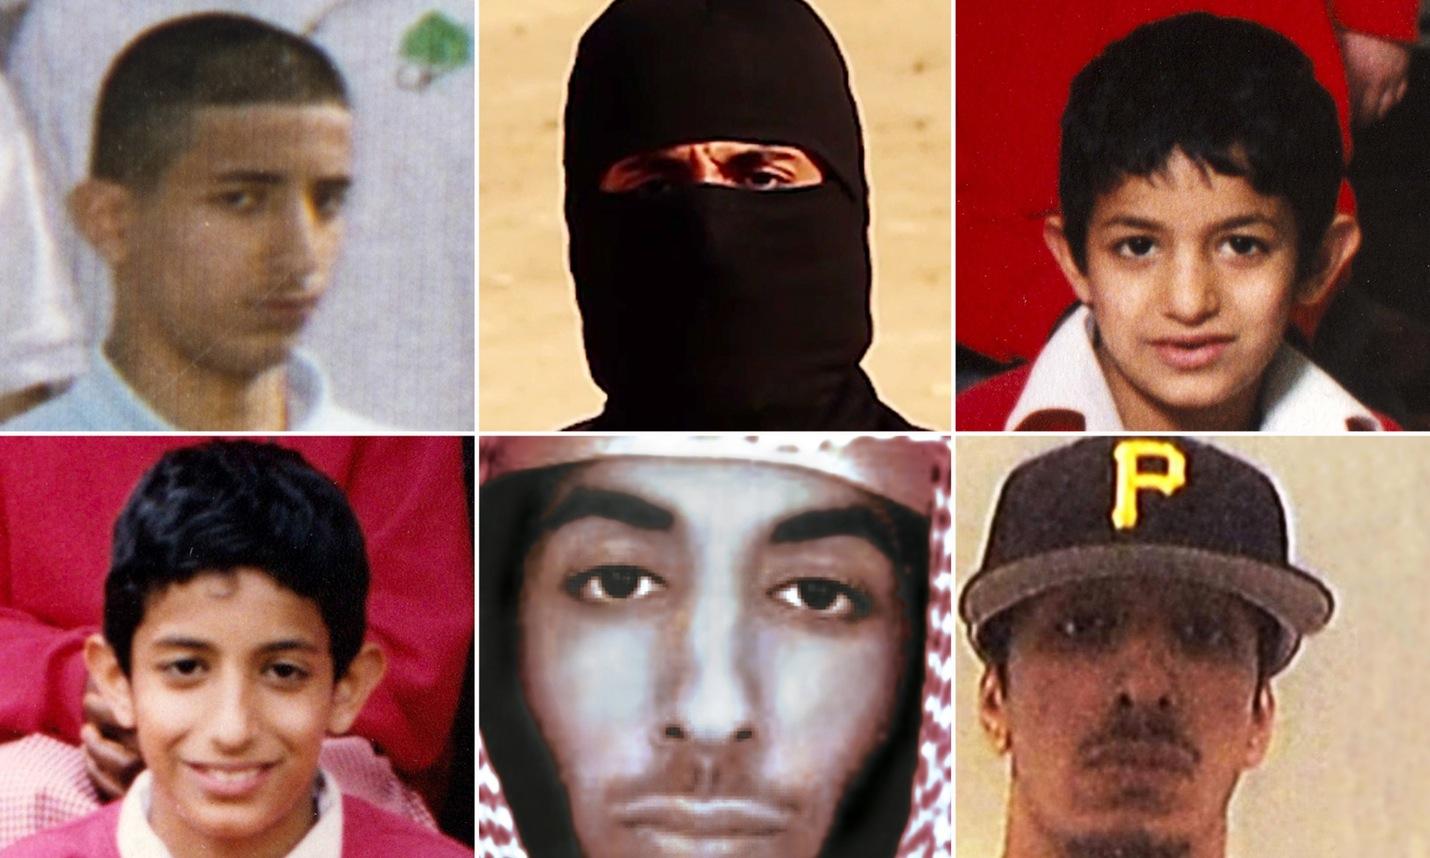 ISIS: Jihadi John sarebbe morto sotto i colpi di un raid americano